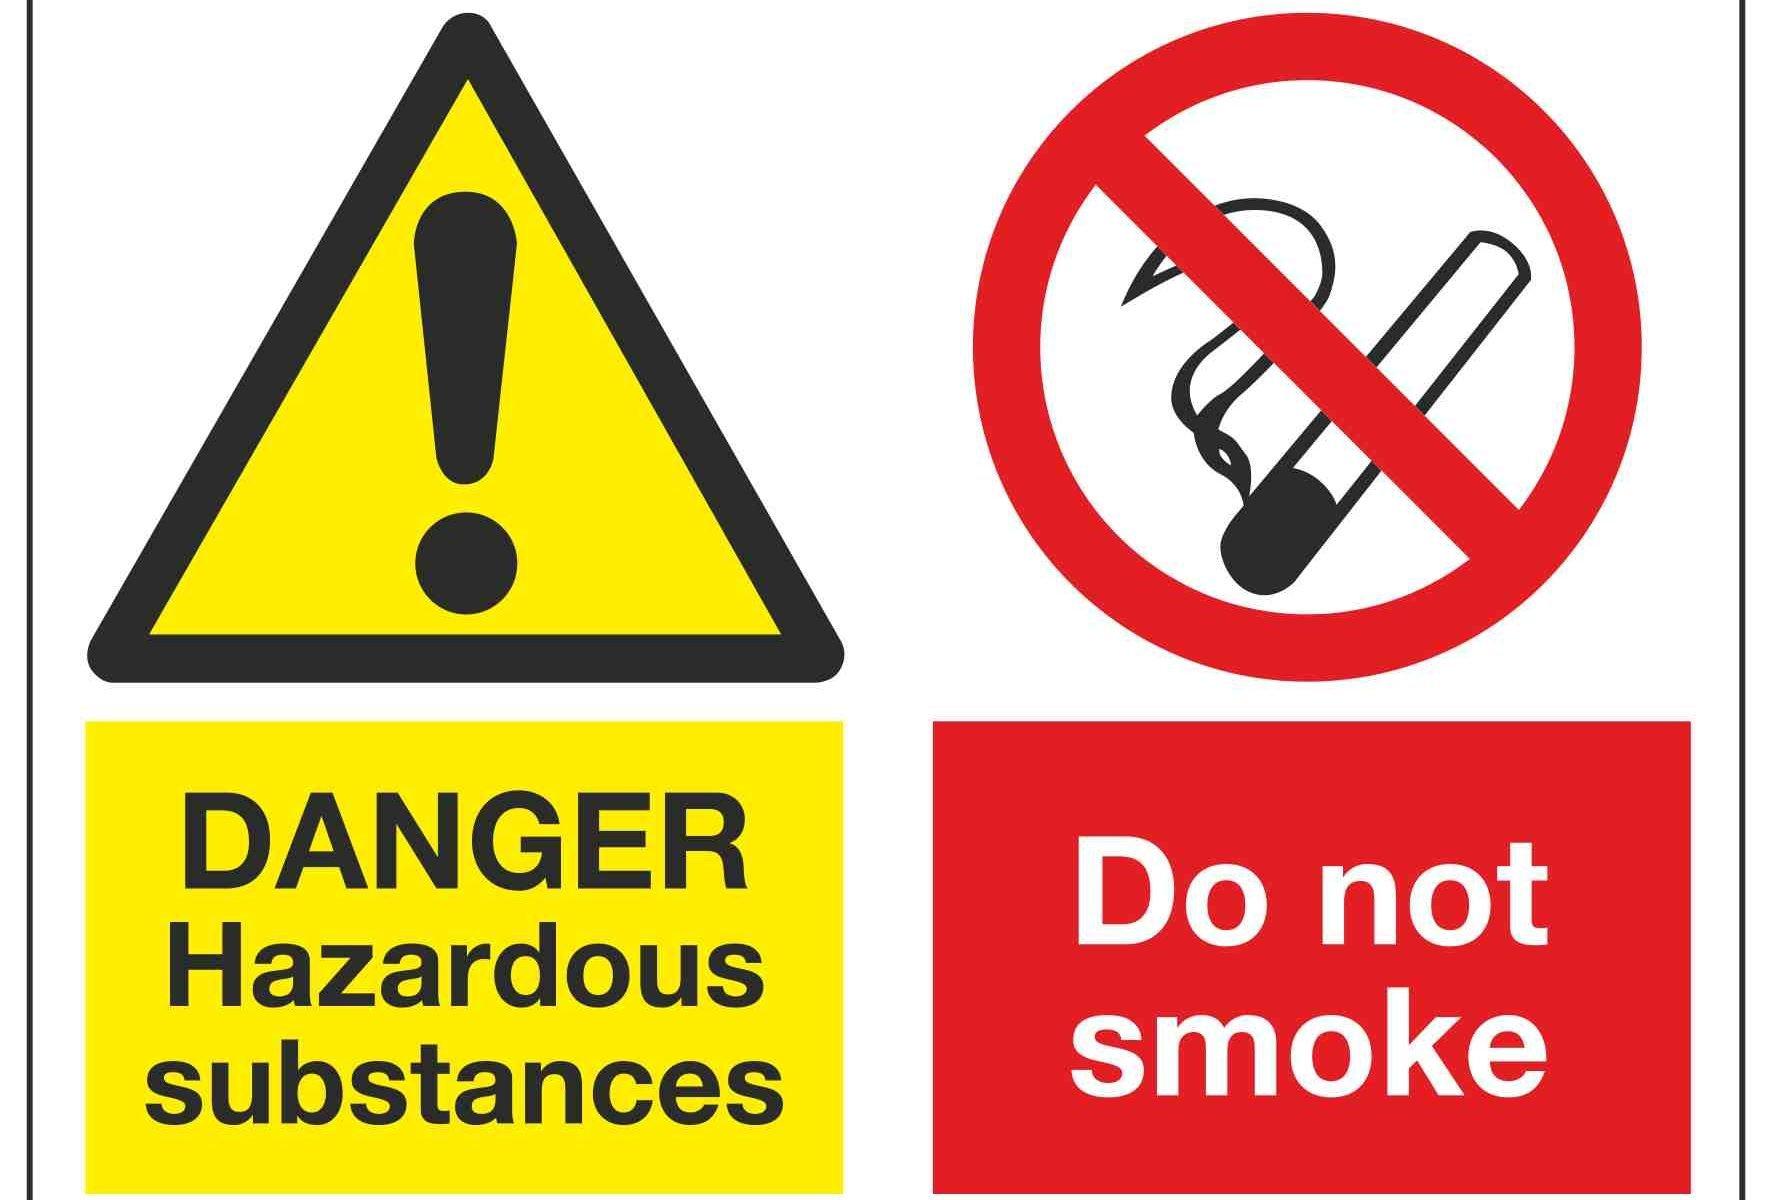 DANGER Hazardous substances / Do not smoke